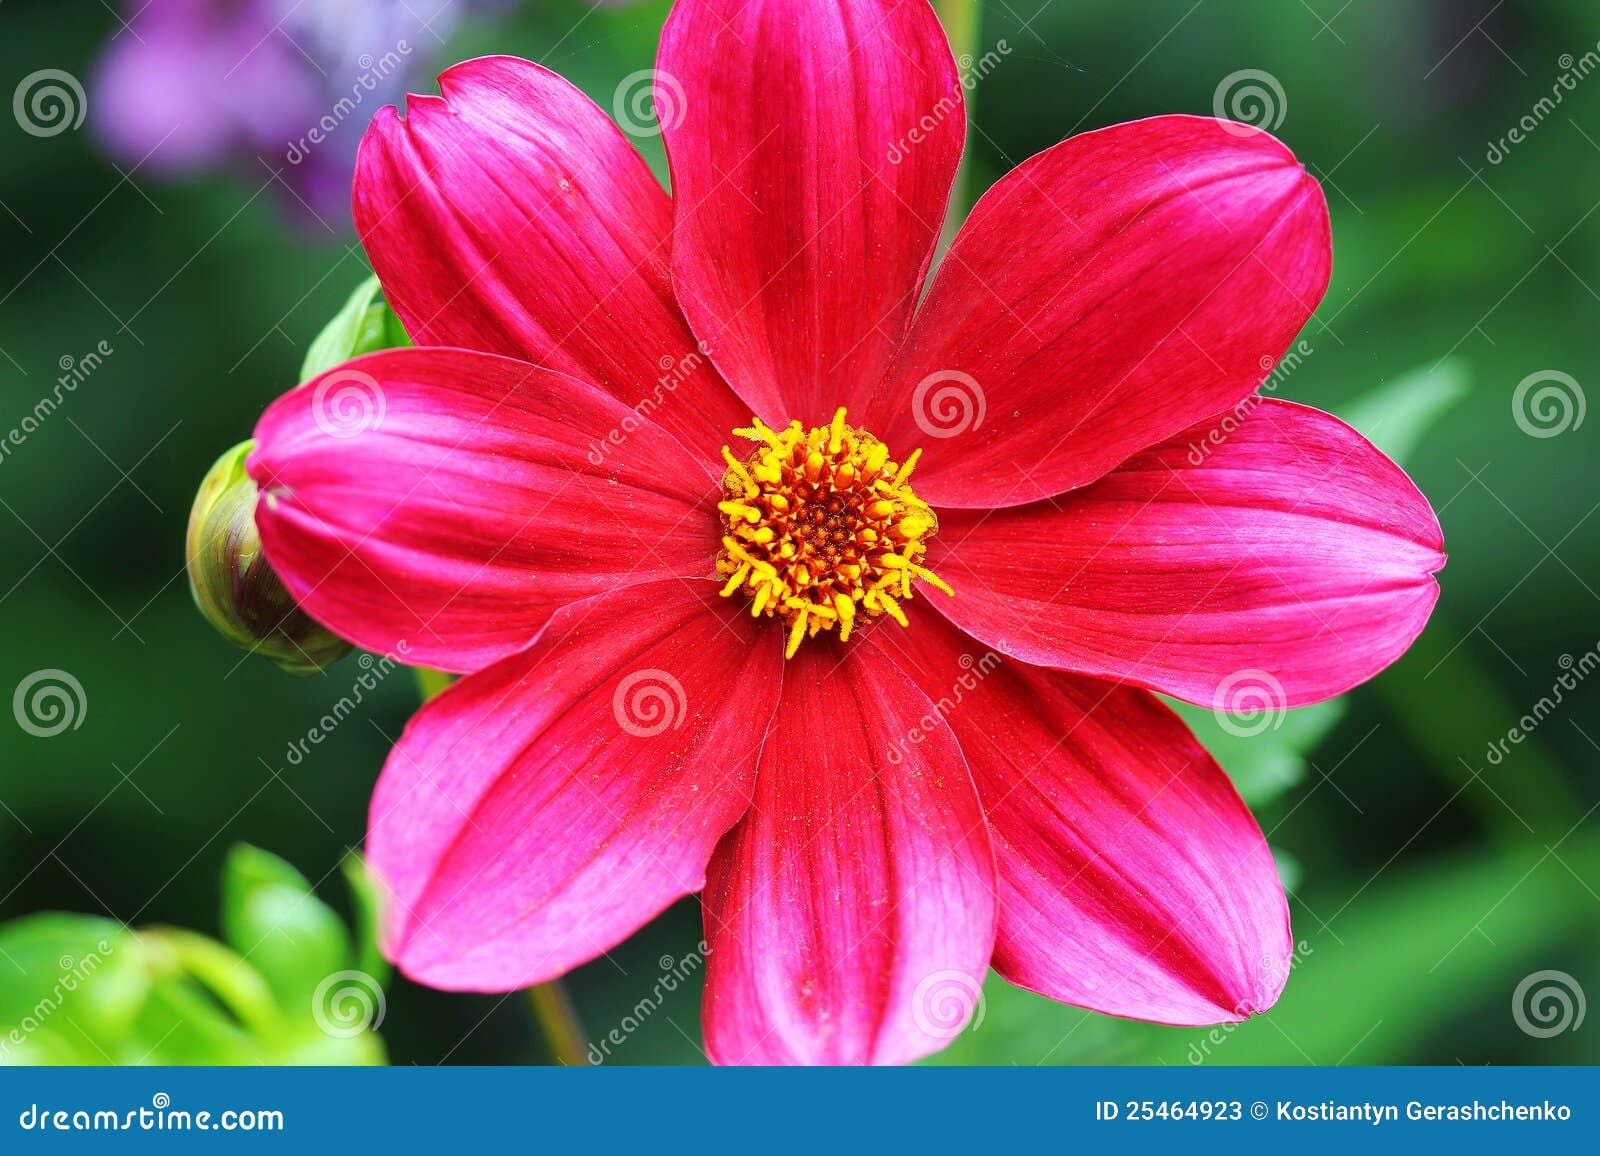 Rouge de jardin de fleur un beau photos stock image for Un jardin de fleurs